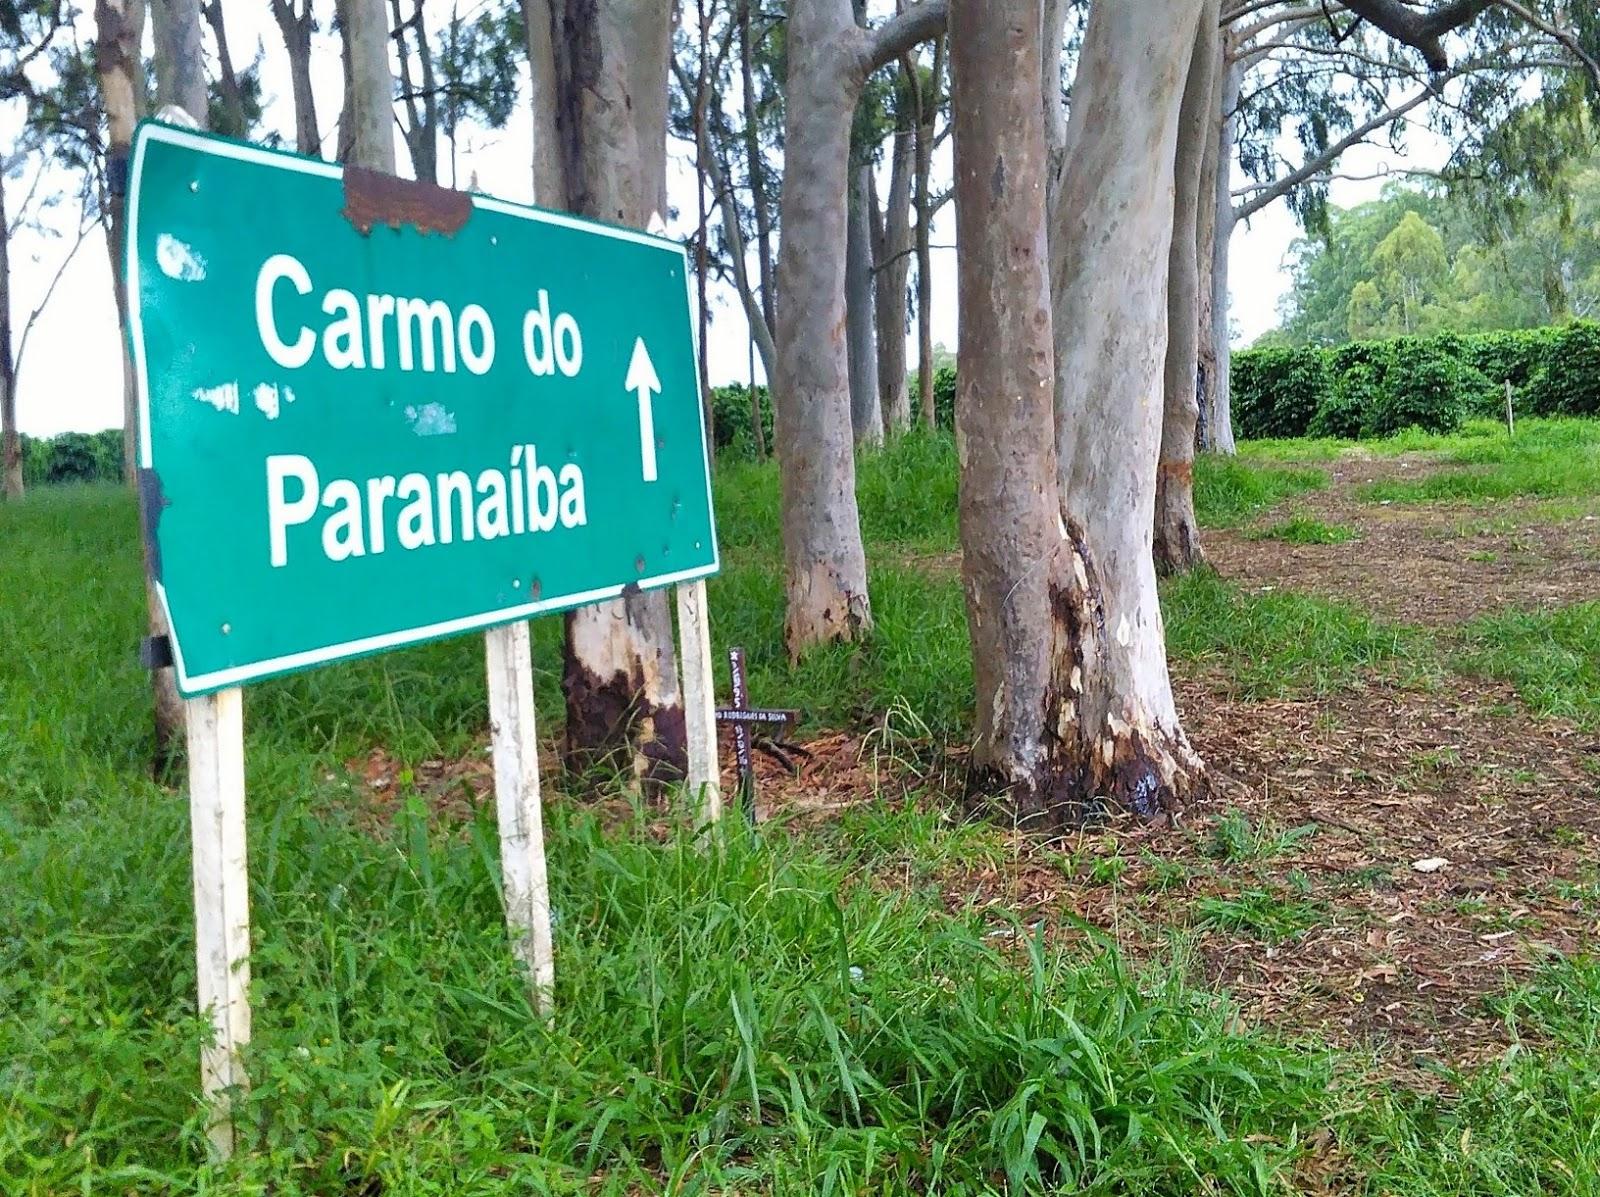 HP Designjet 500 vendida em Carmo do Paranaiba em Minas Gerais